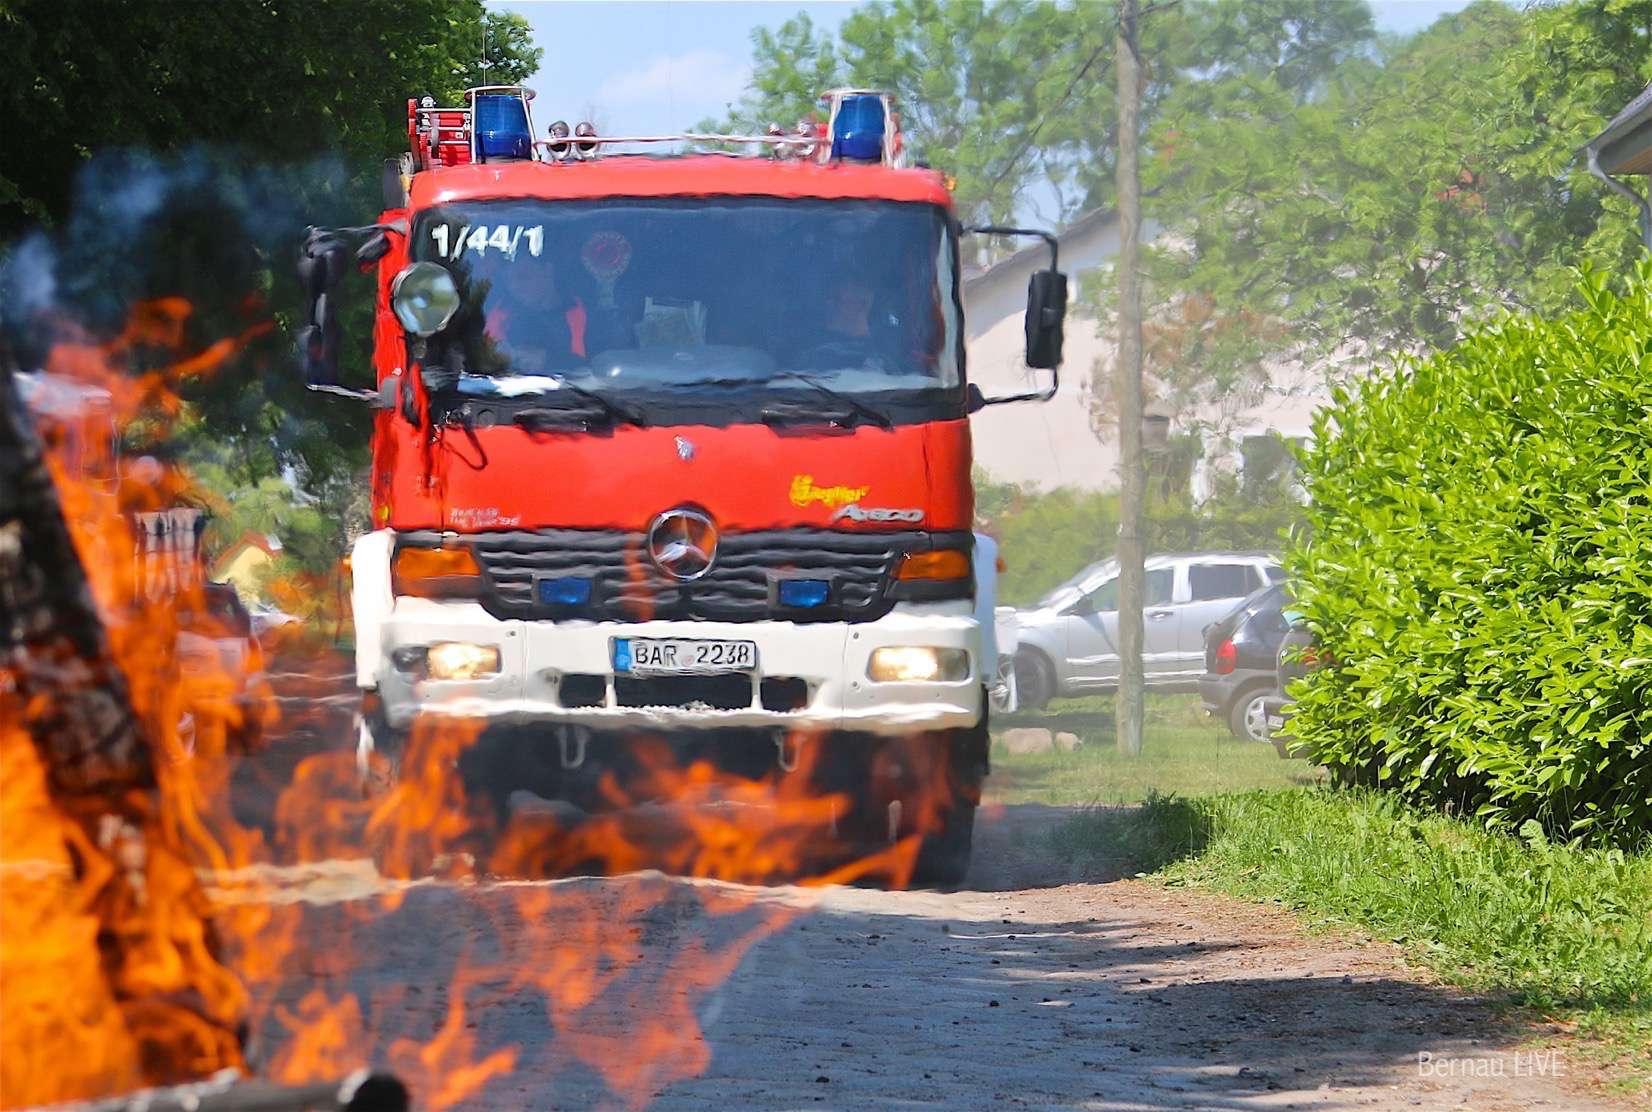 Feuerwehr Bernau